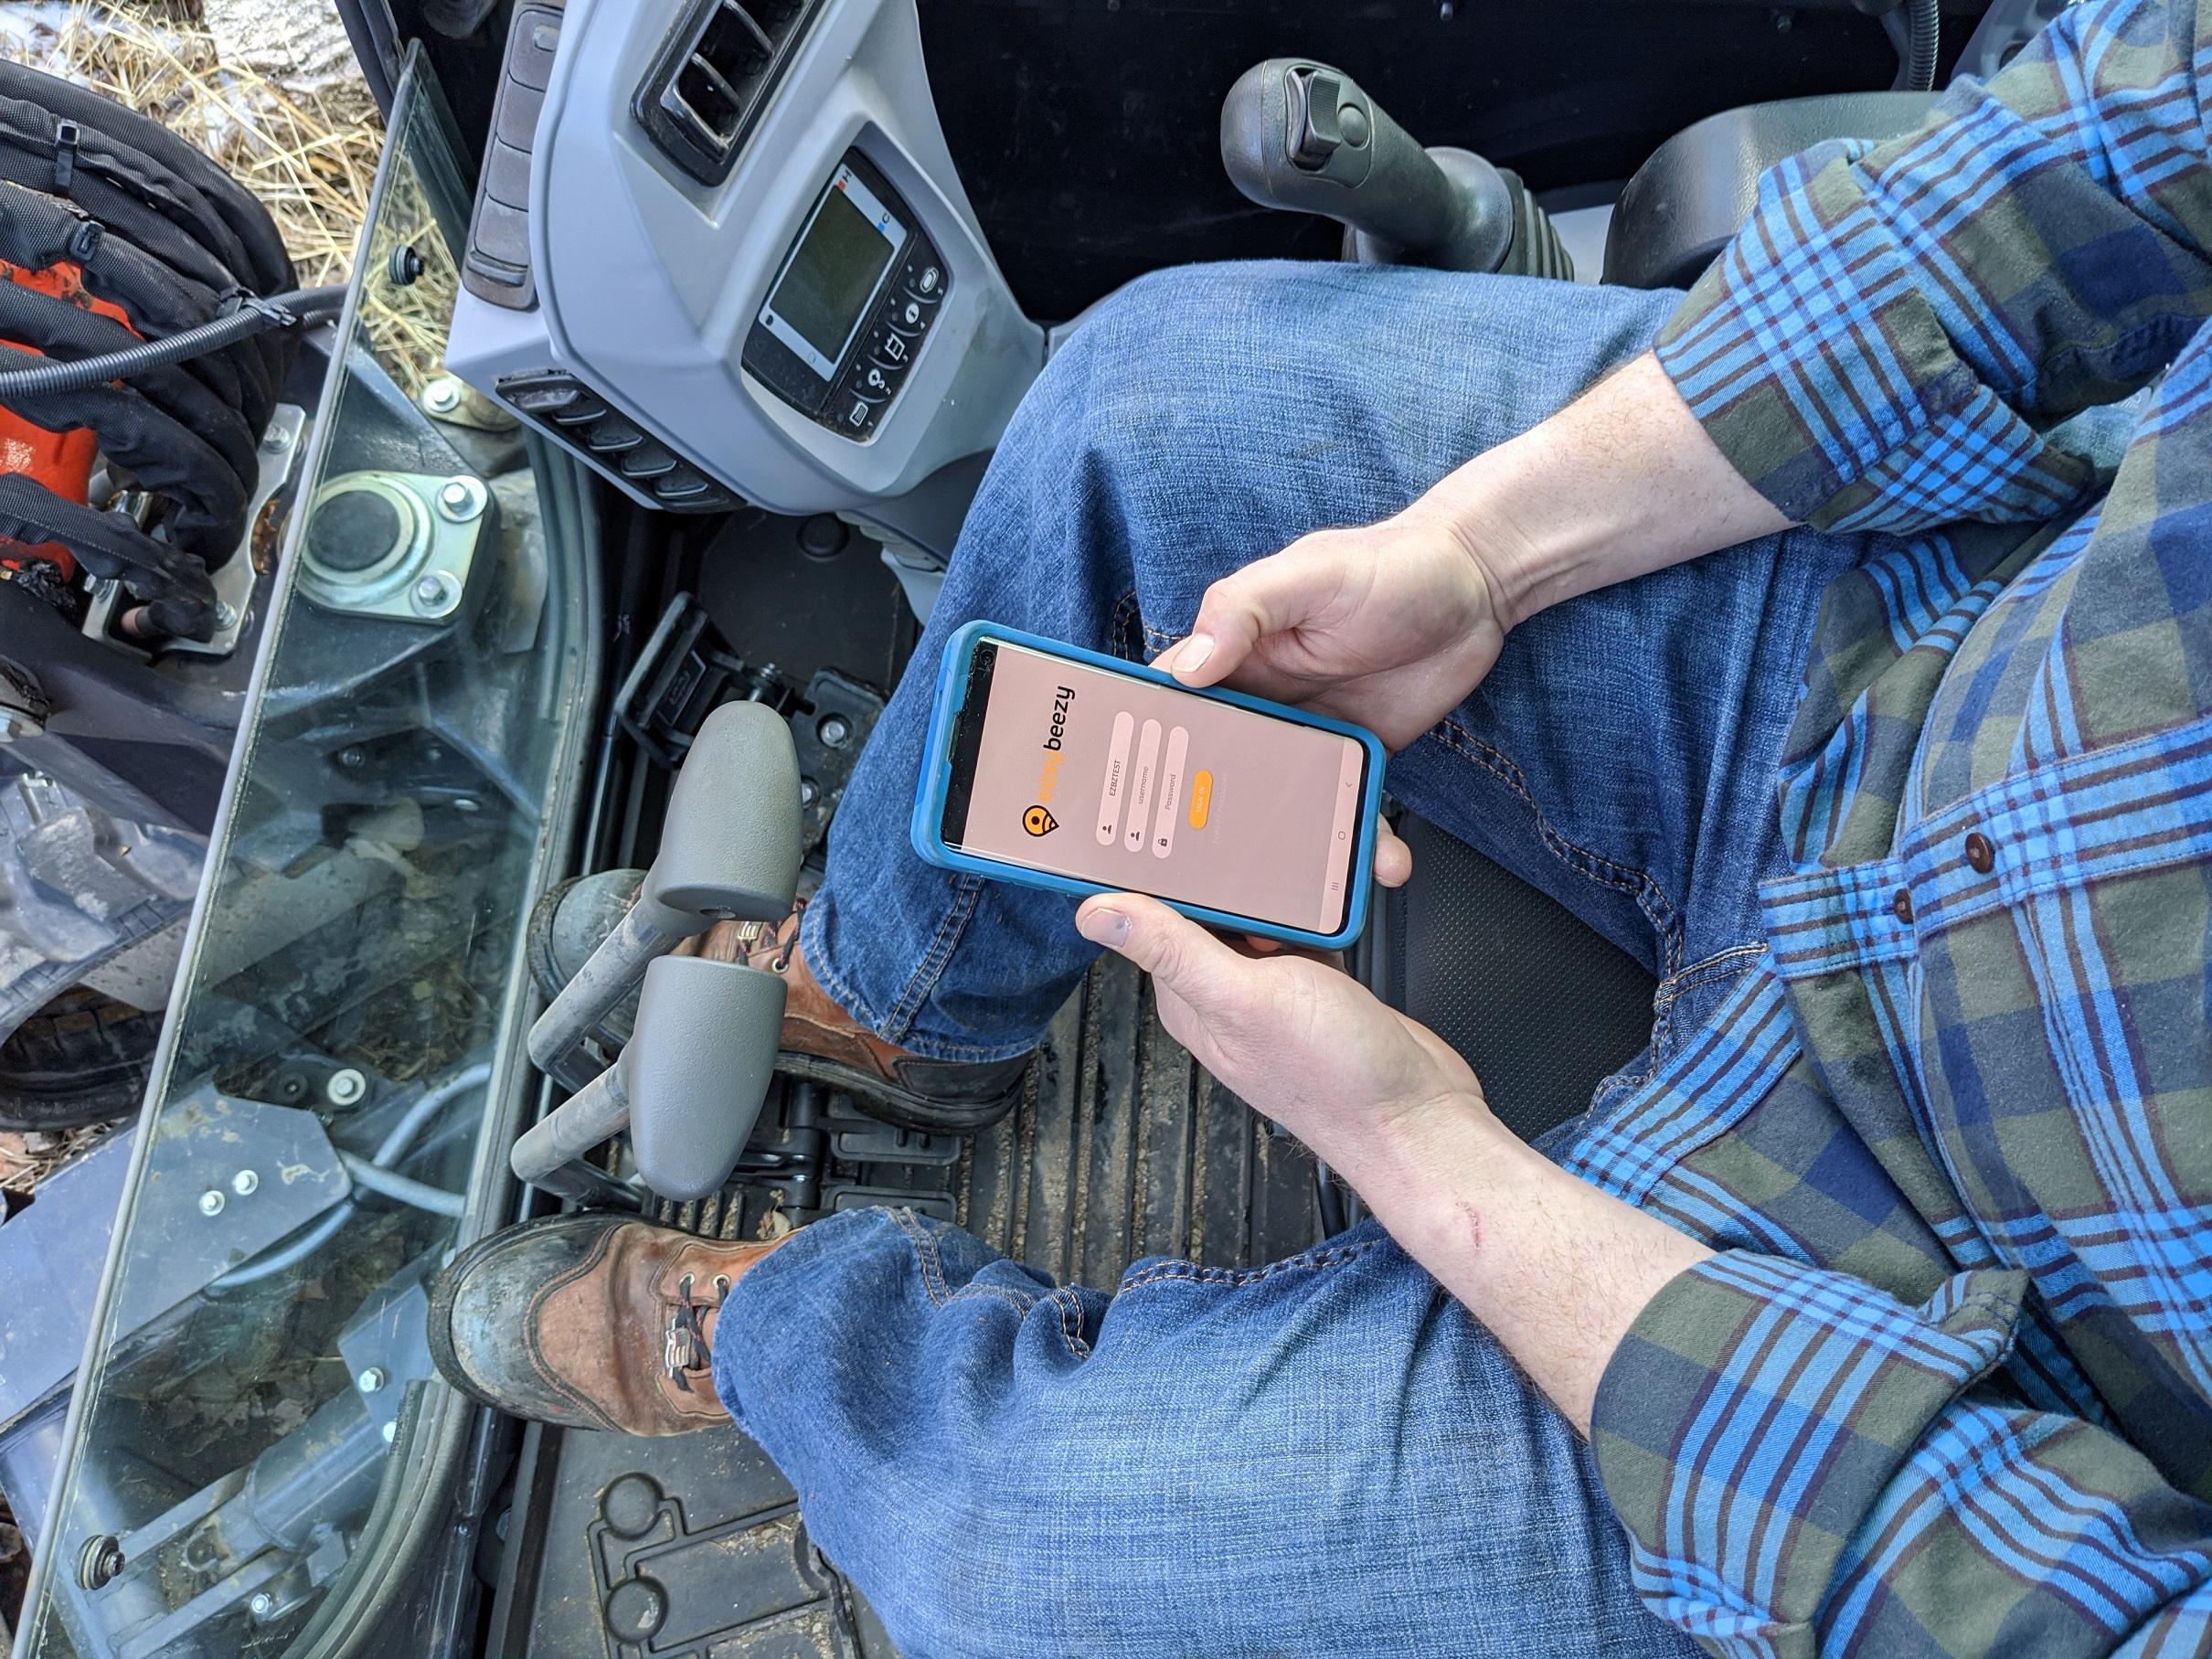 Man in flannel shirt on EZBZ app in excavator